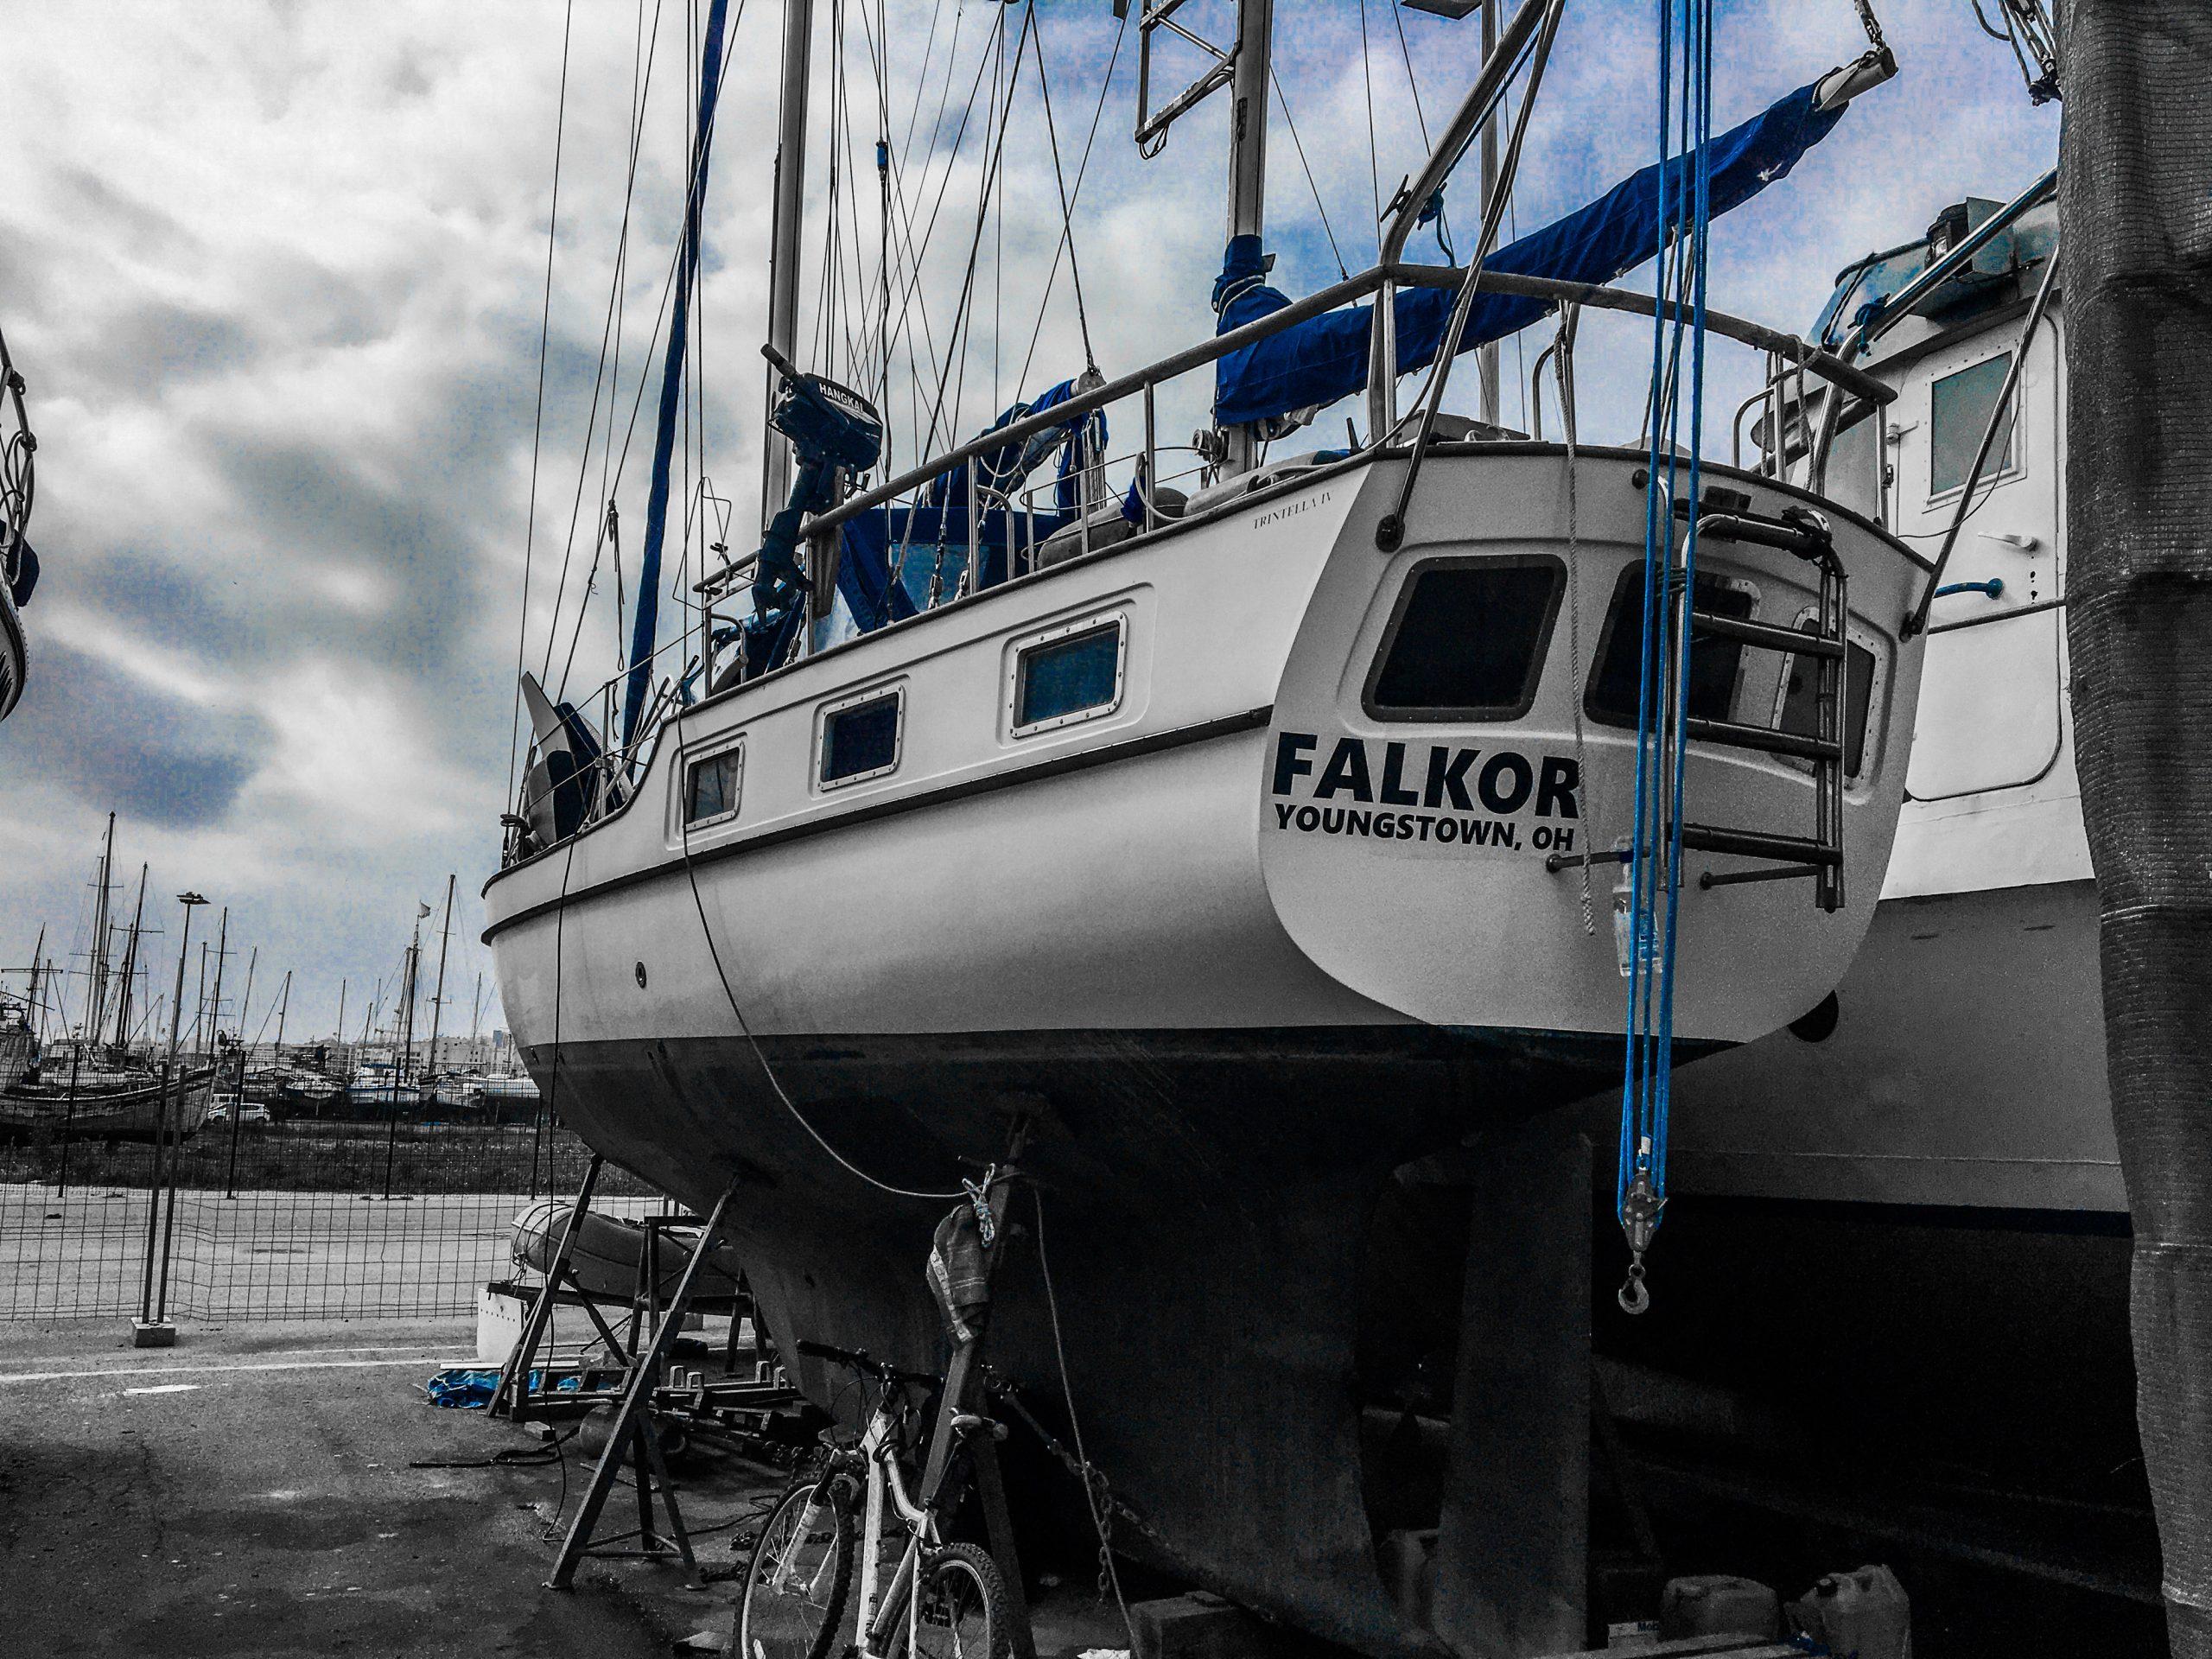 SV Falkor